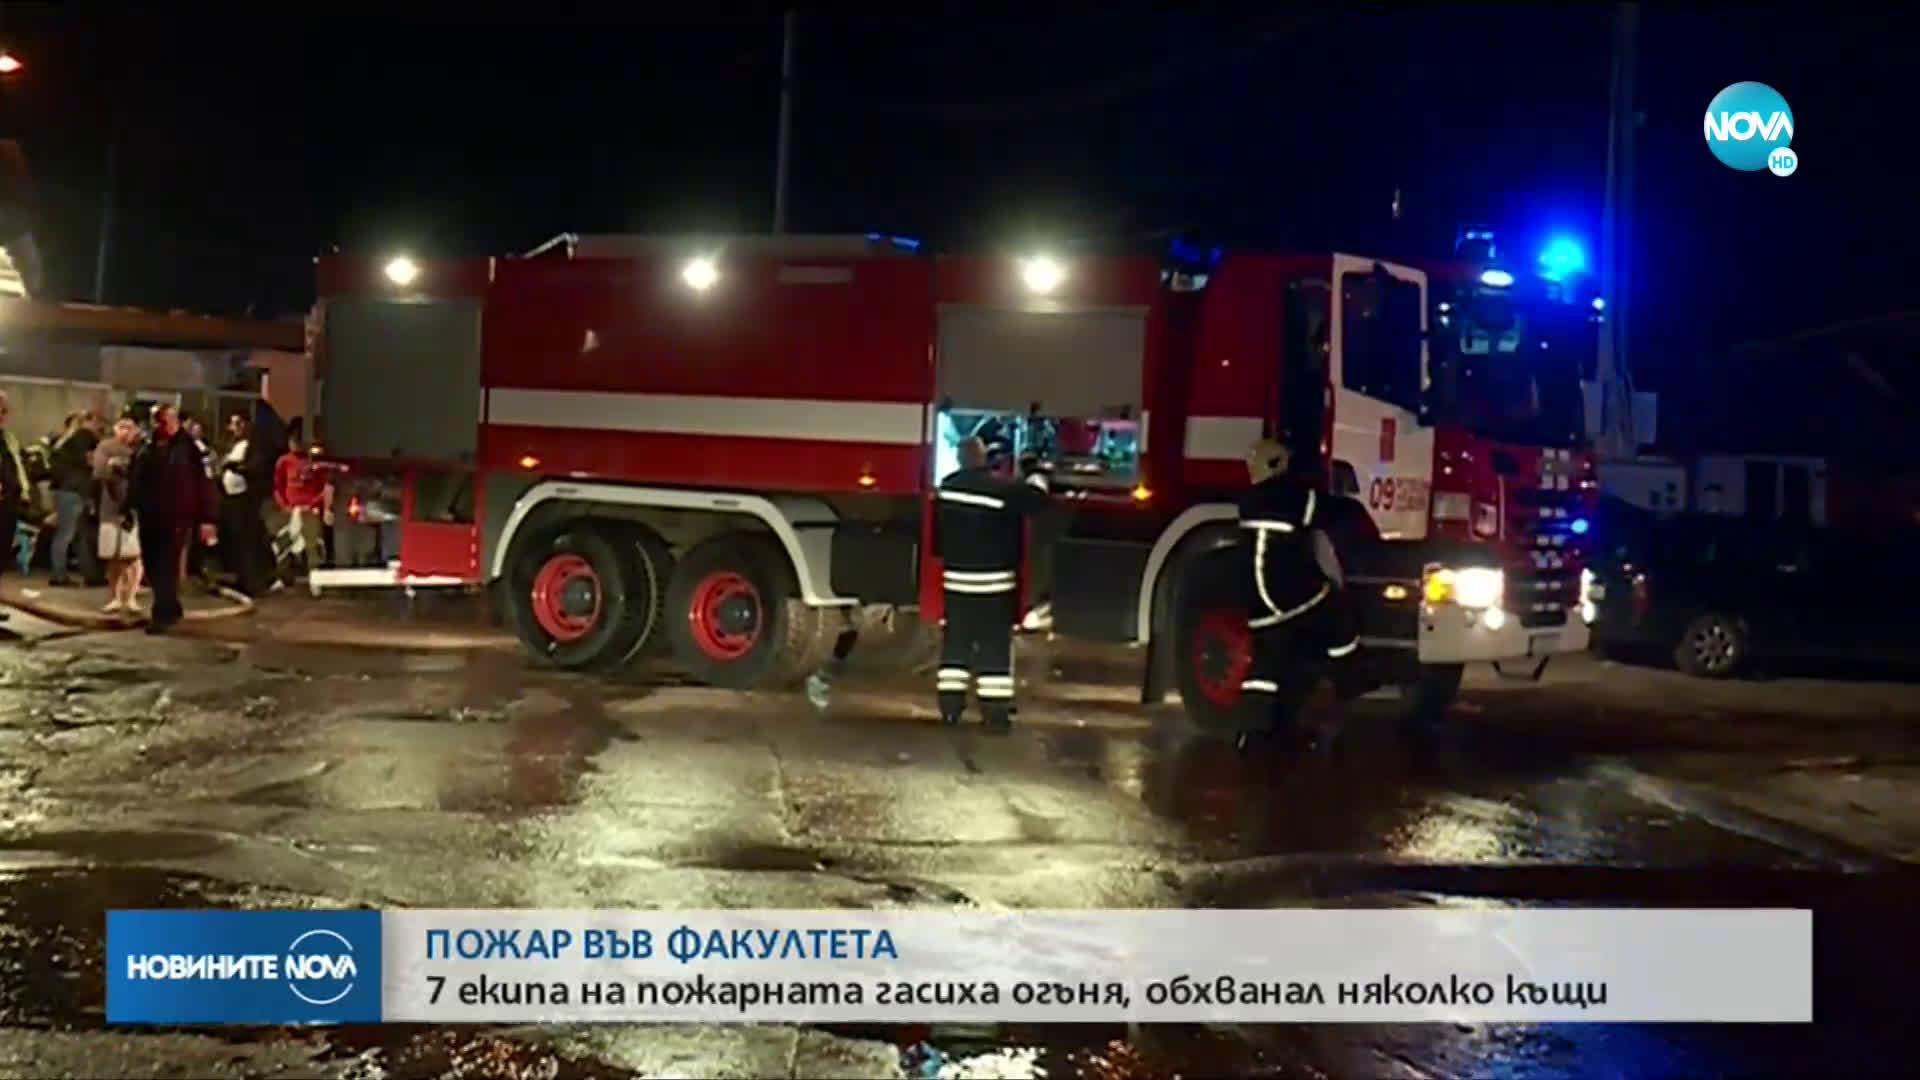 """Изясняват причините за пожара във """"Факултета"""""""